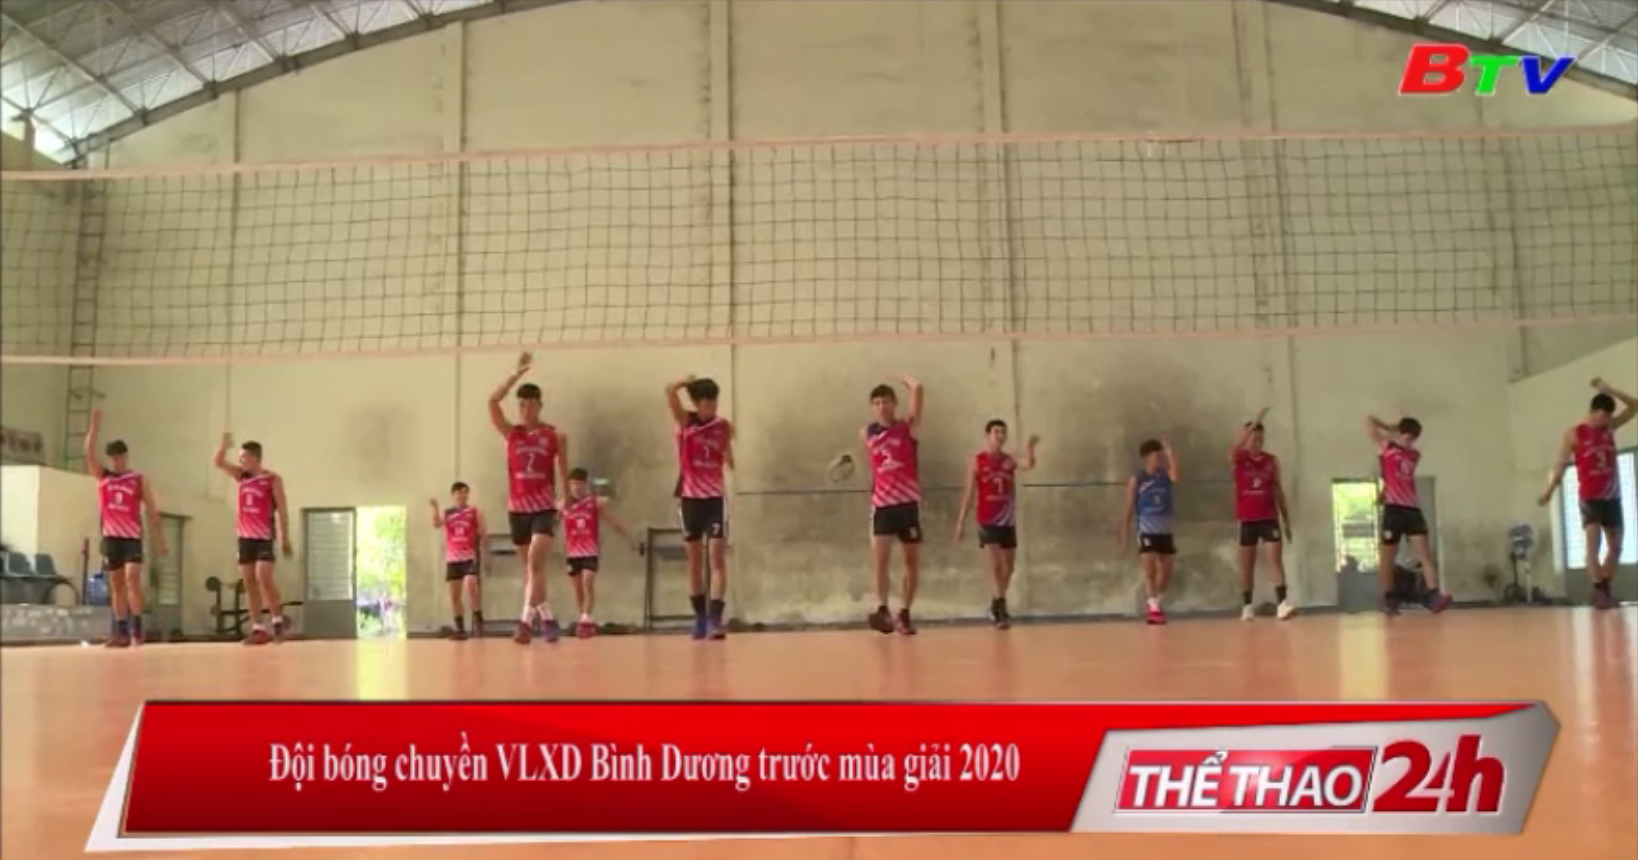 Đội bóng chuyền VLXD Bình Dương trước mùa giải 2020